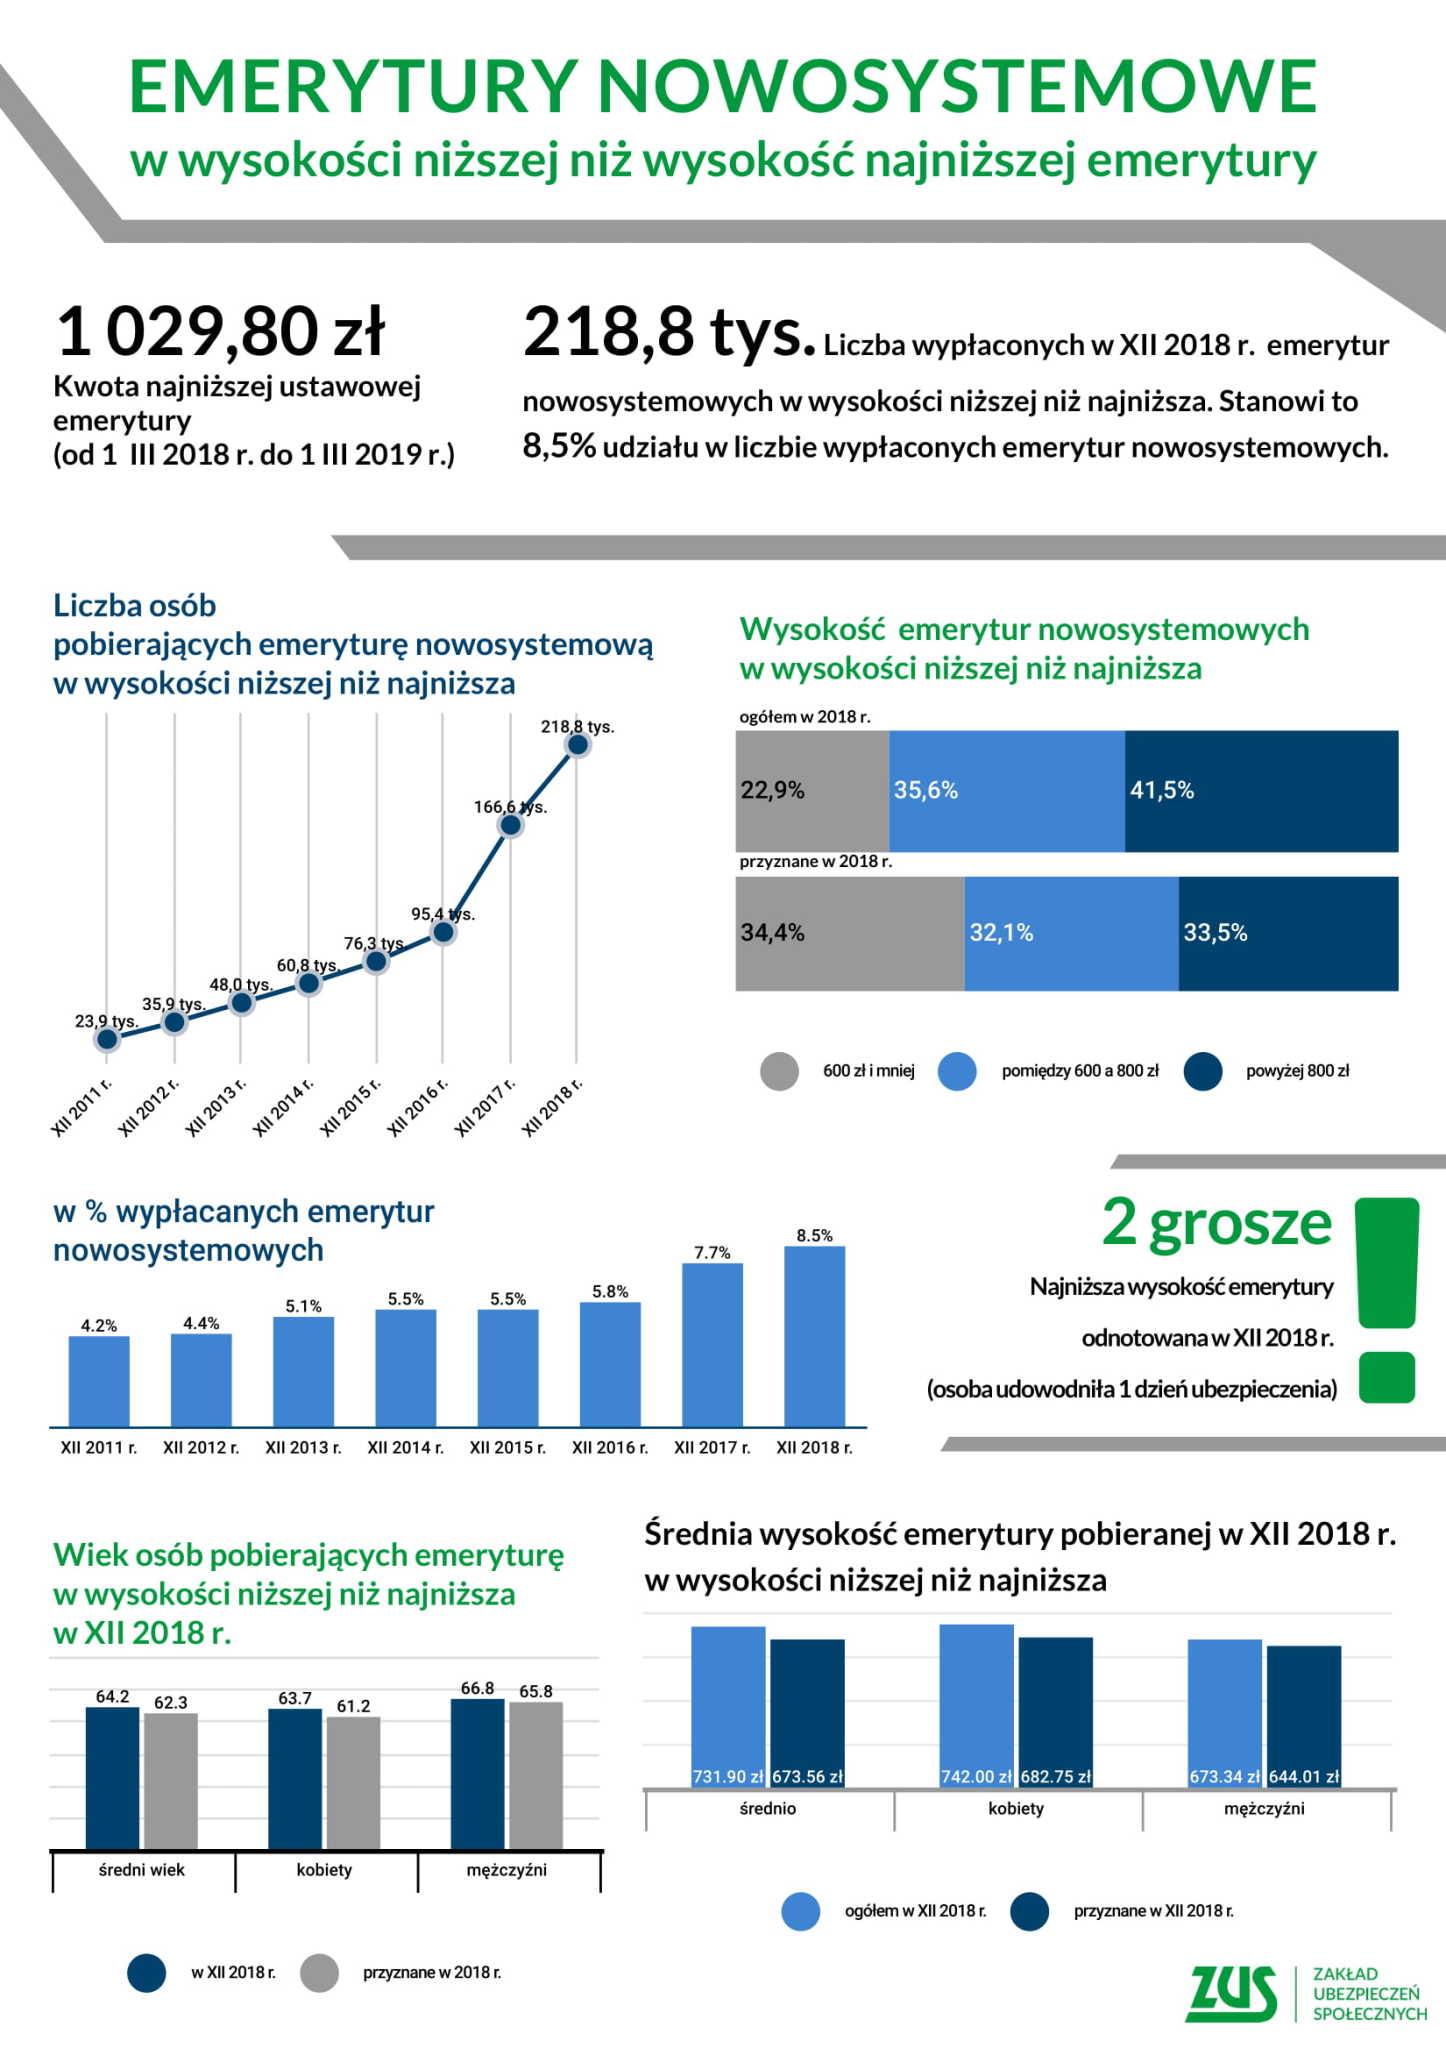 Emerytury nowosystemowe niższe niż wysokość najniższej emerytury